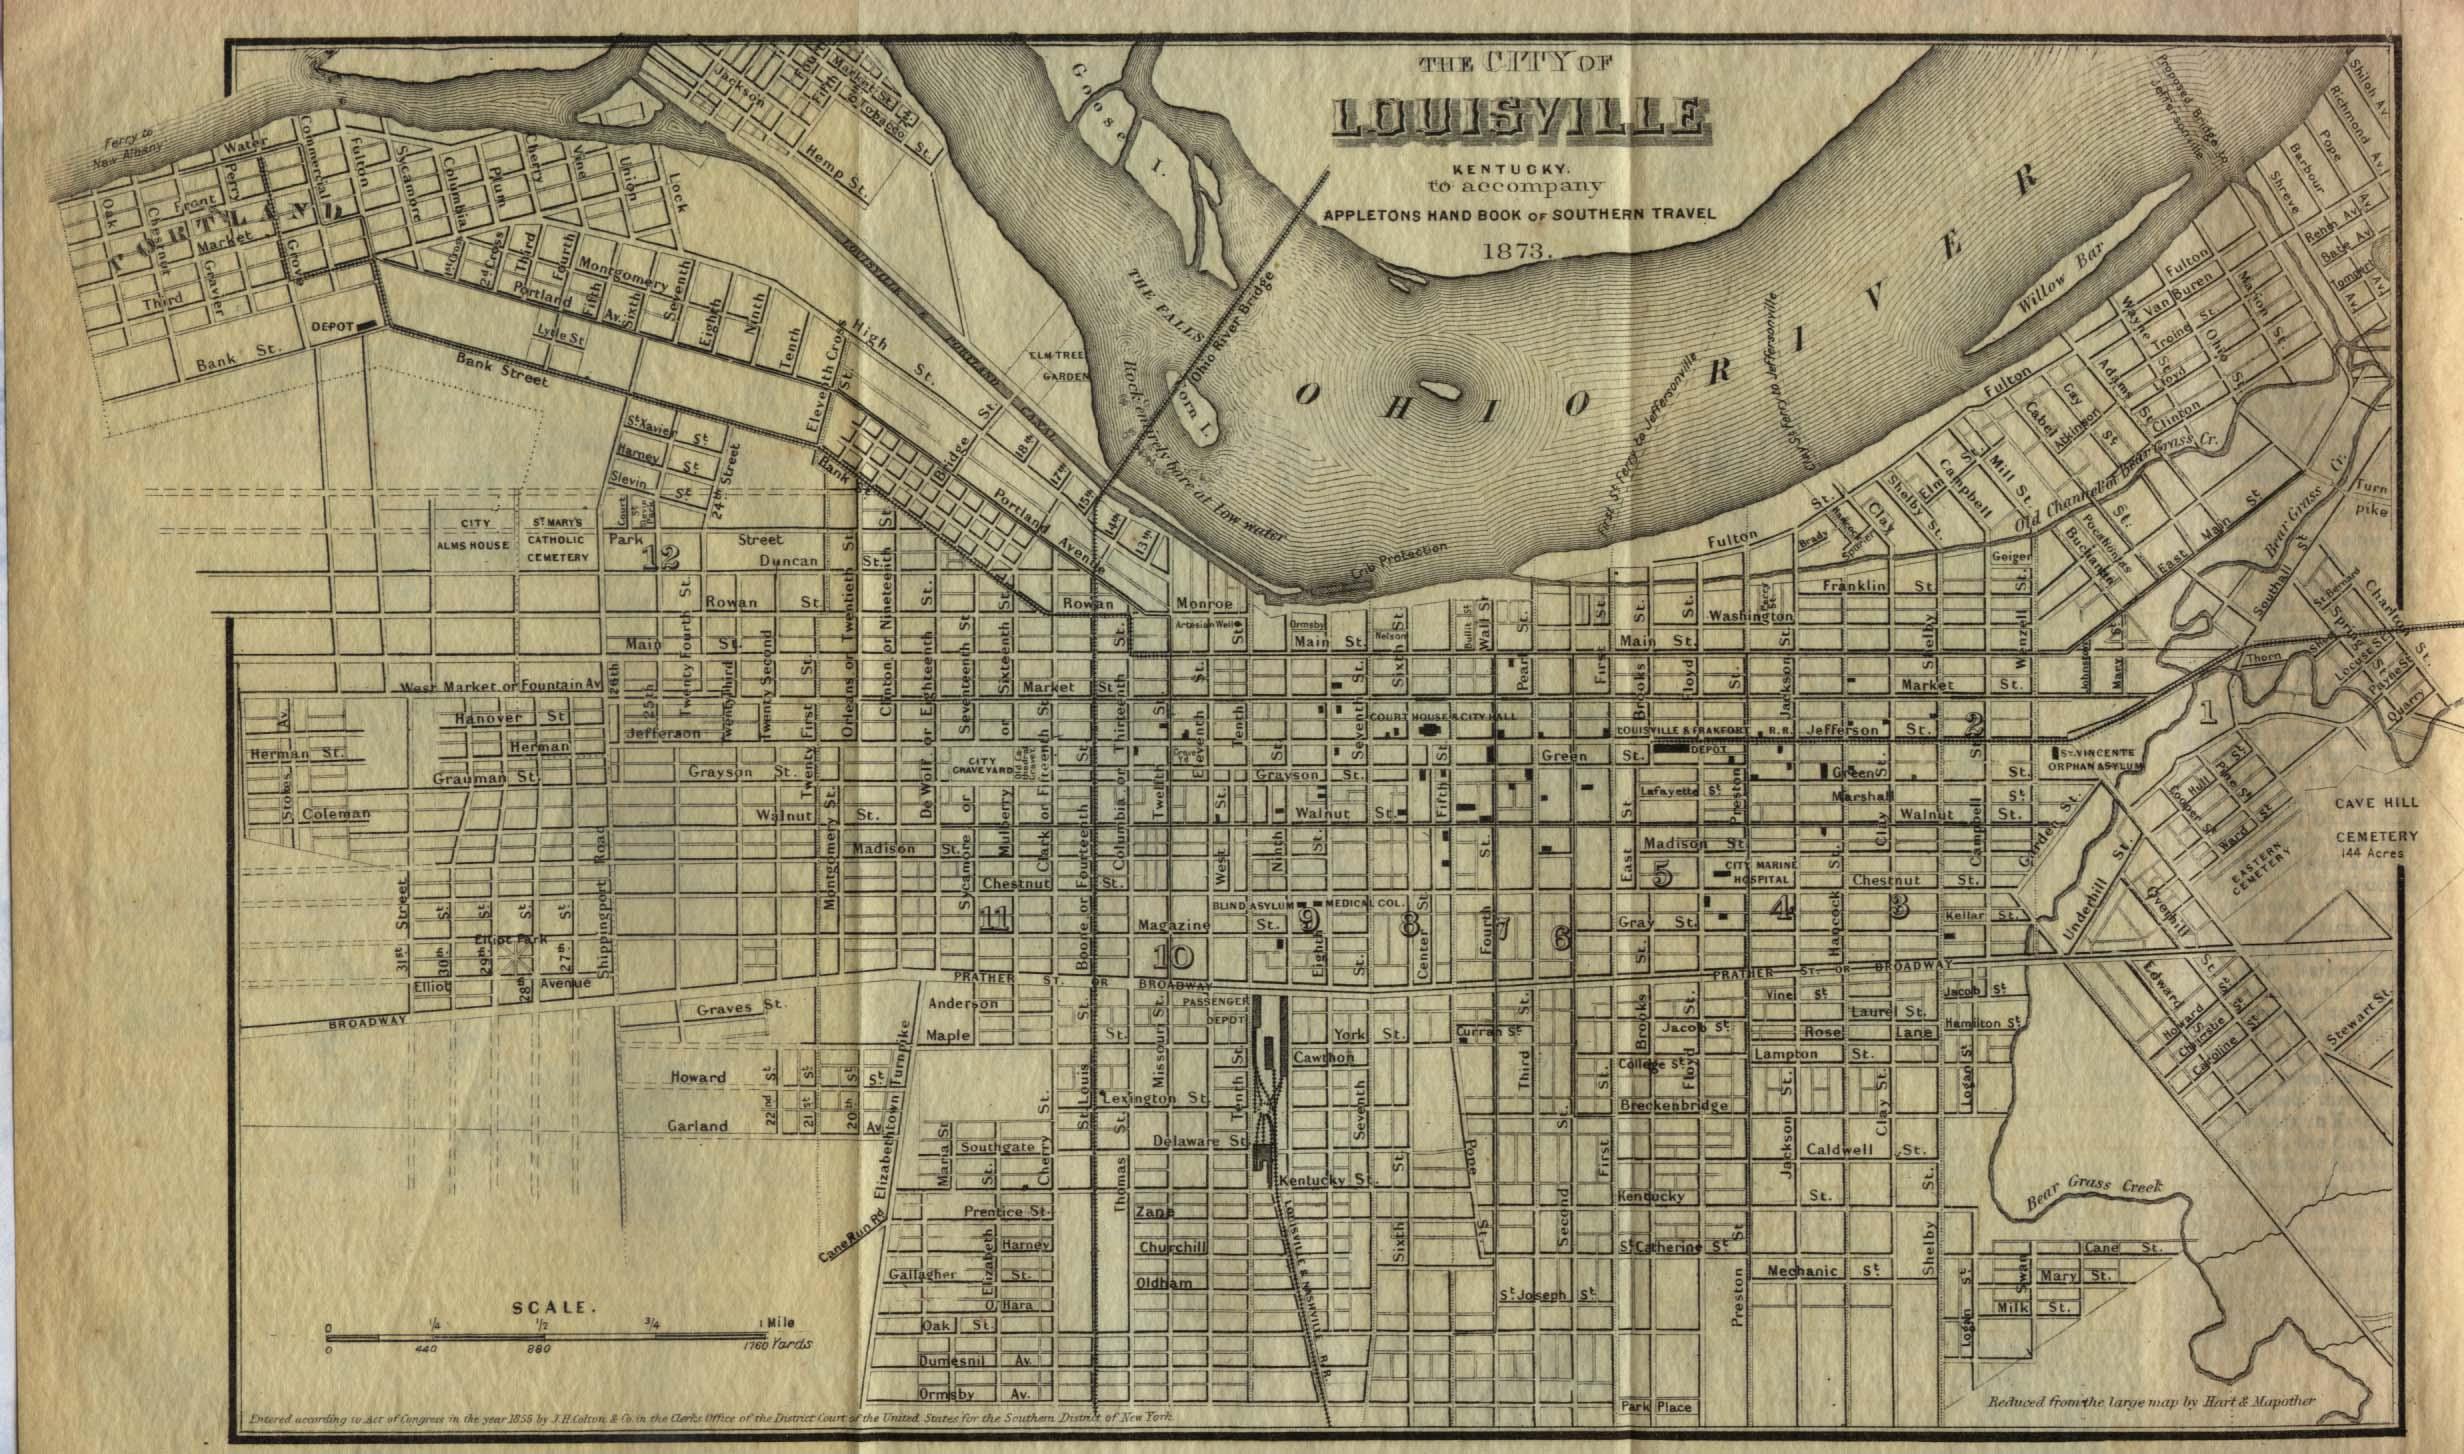 Mapa de la Ciudad de Louisville, Kentucky, Estados Unidos 1855